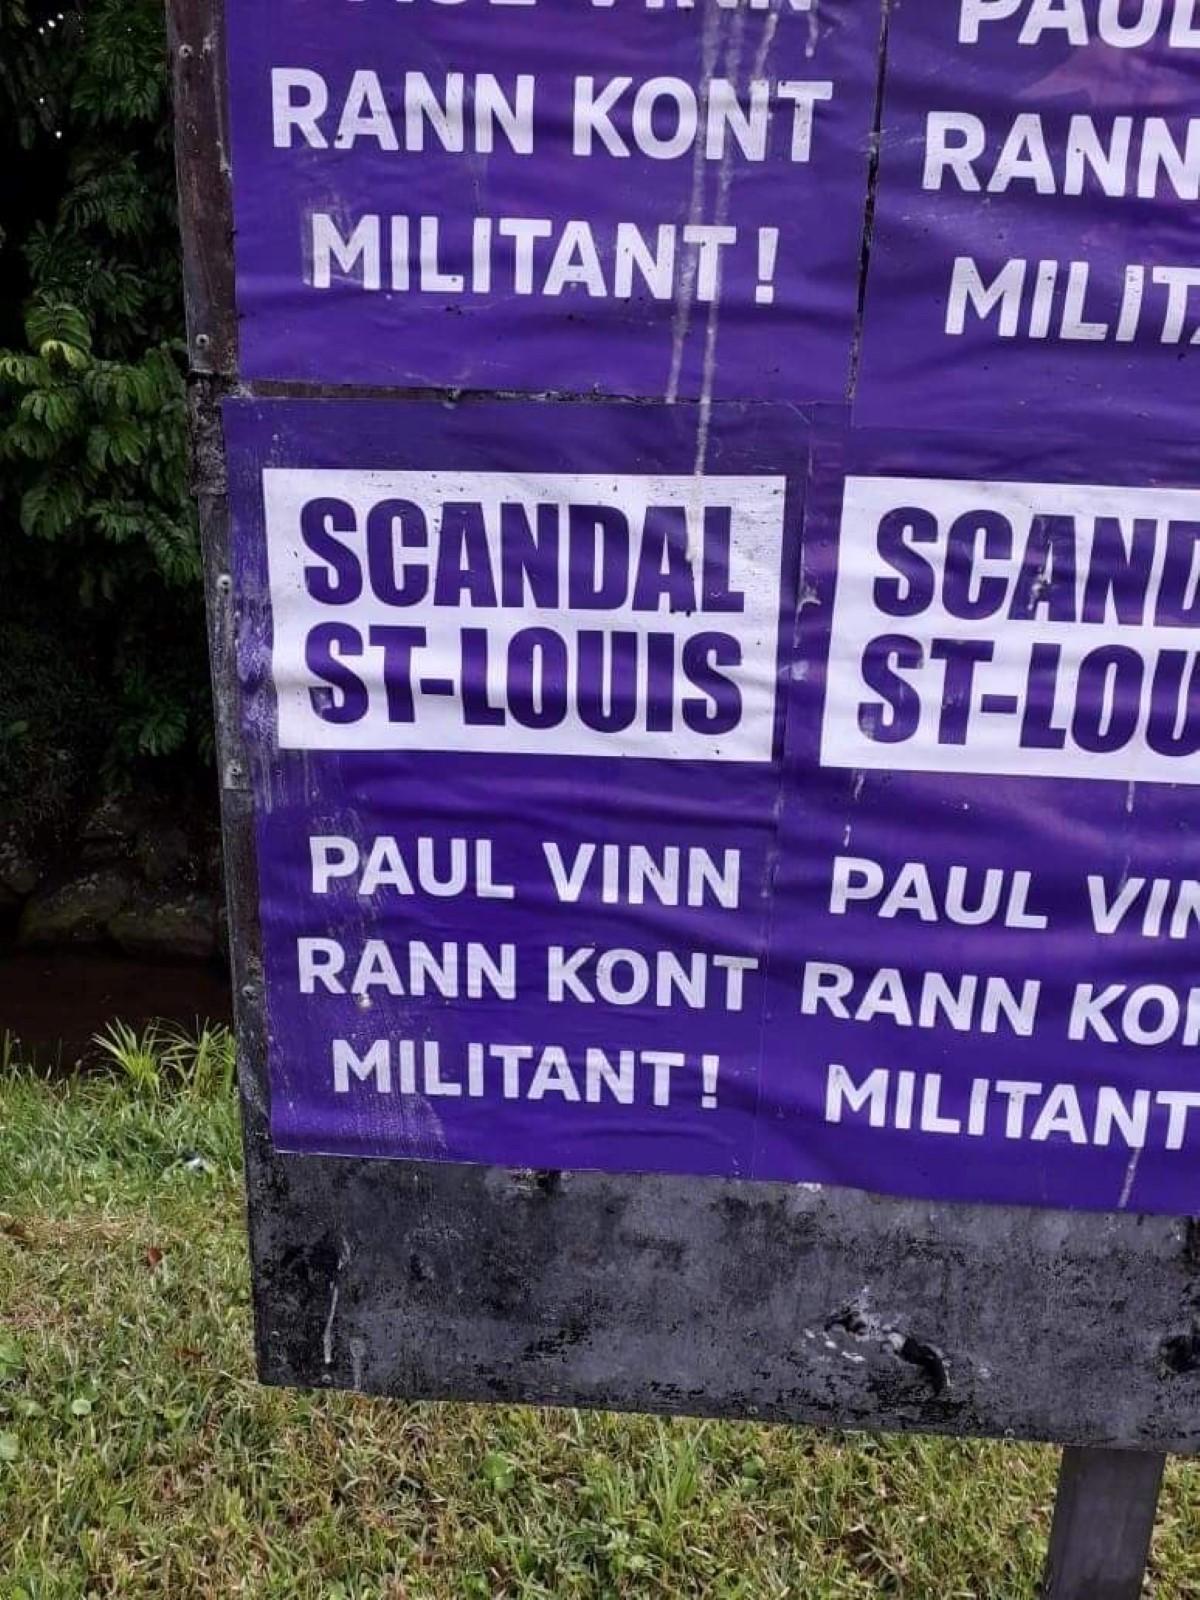 Une campagne contre Bérenger avec des affiches dans les circonscriptions 19 et 20